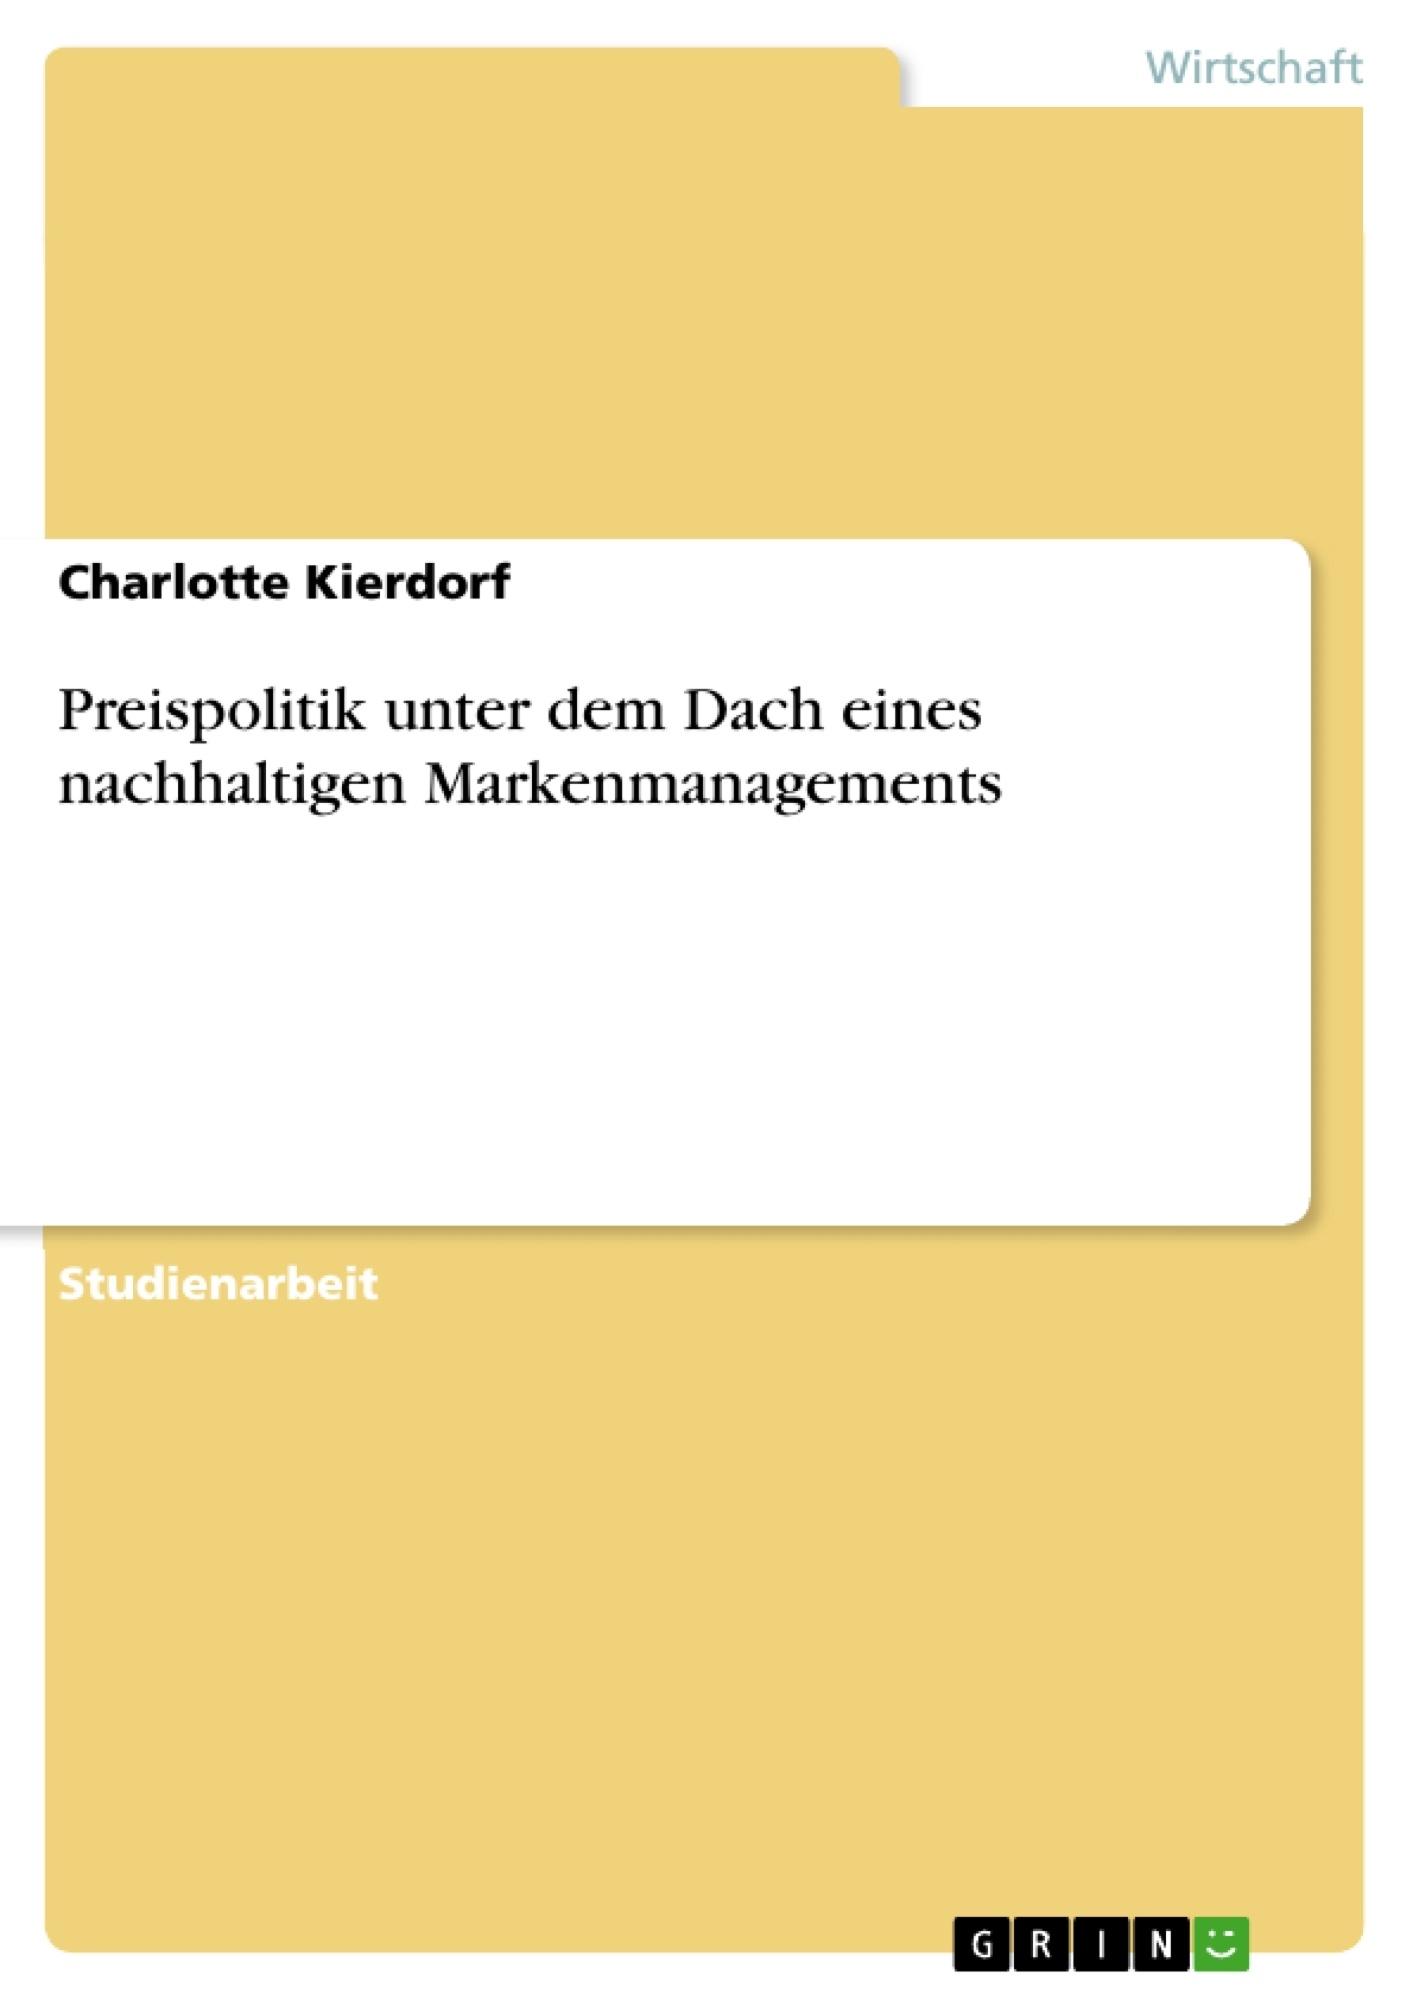 Titel: Preispolitik unter dem Dach eines nachhaltigen Markenmanagements